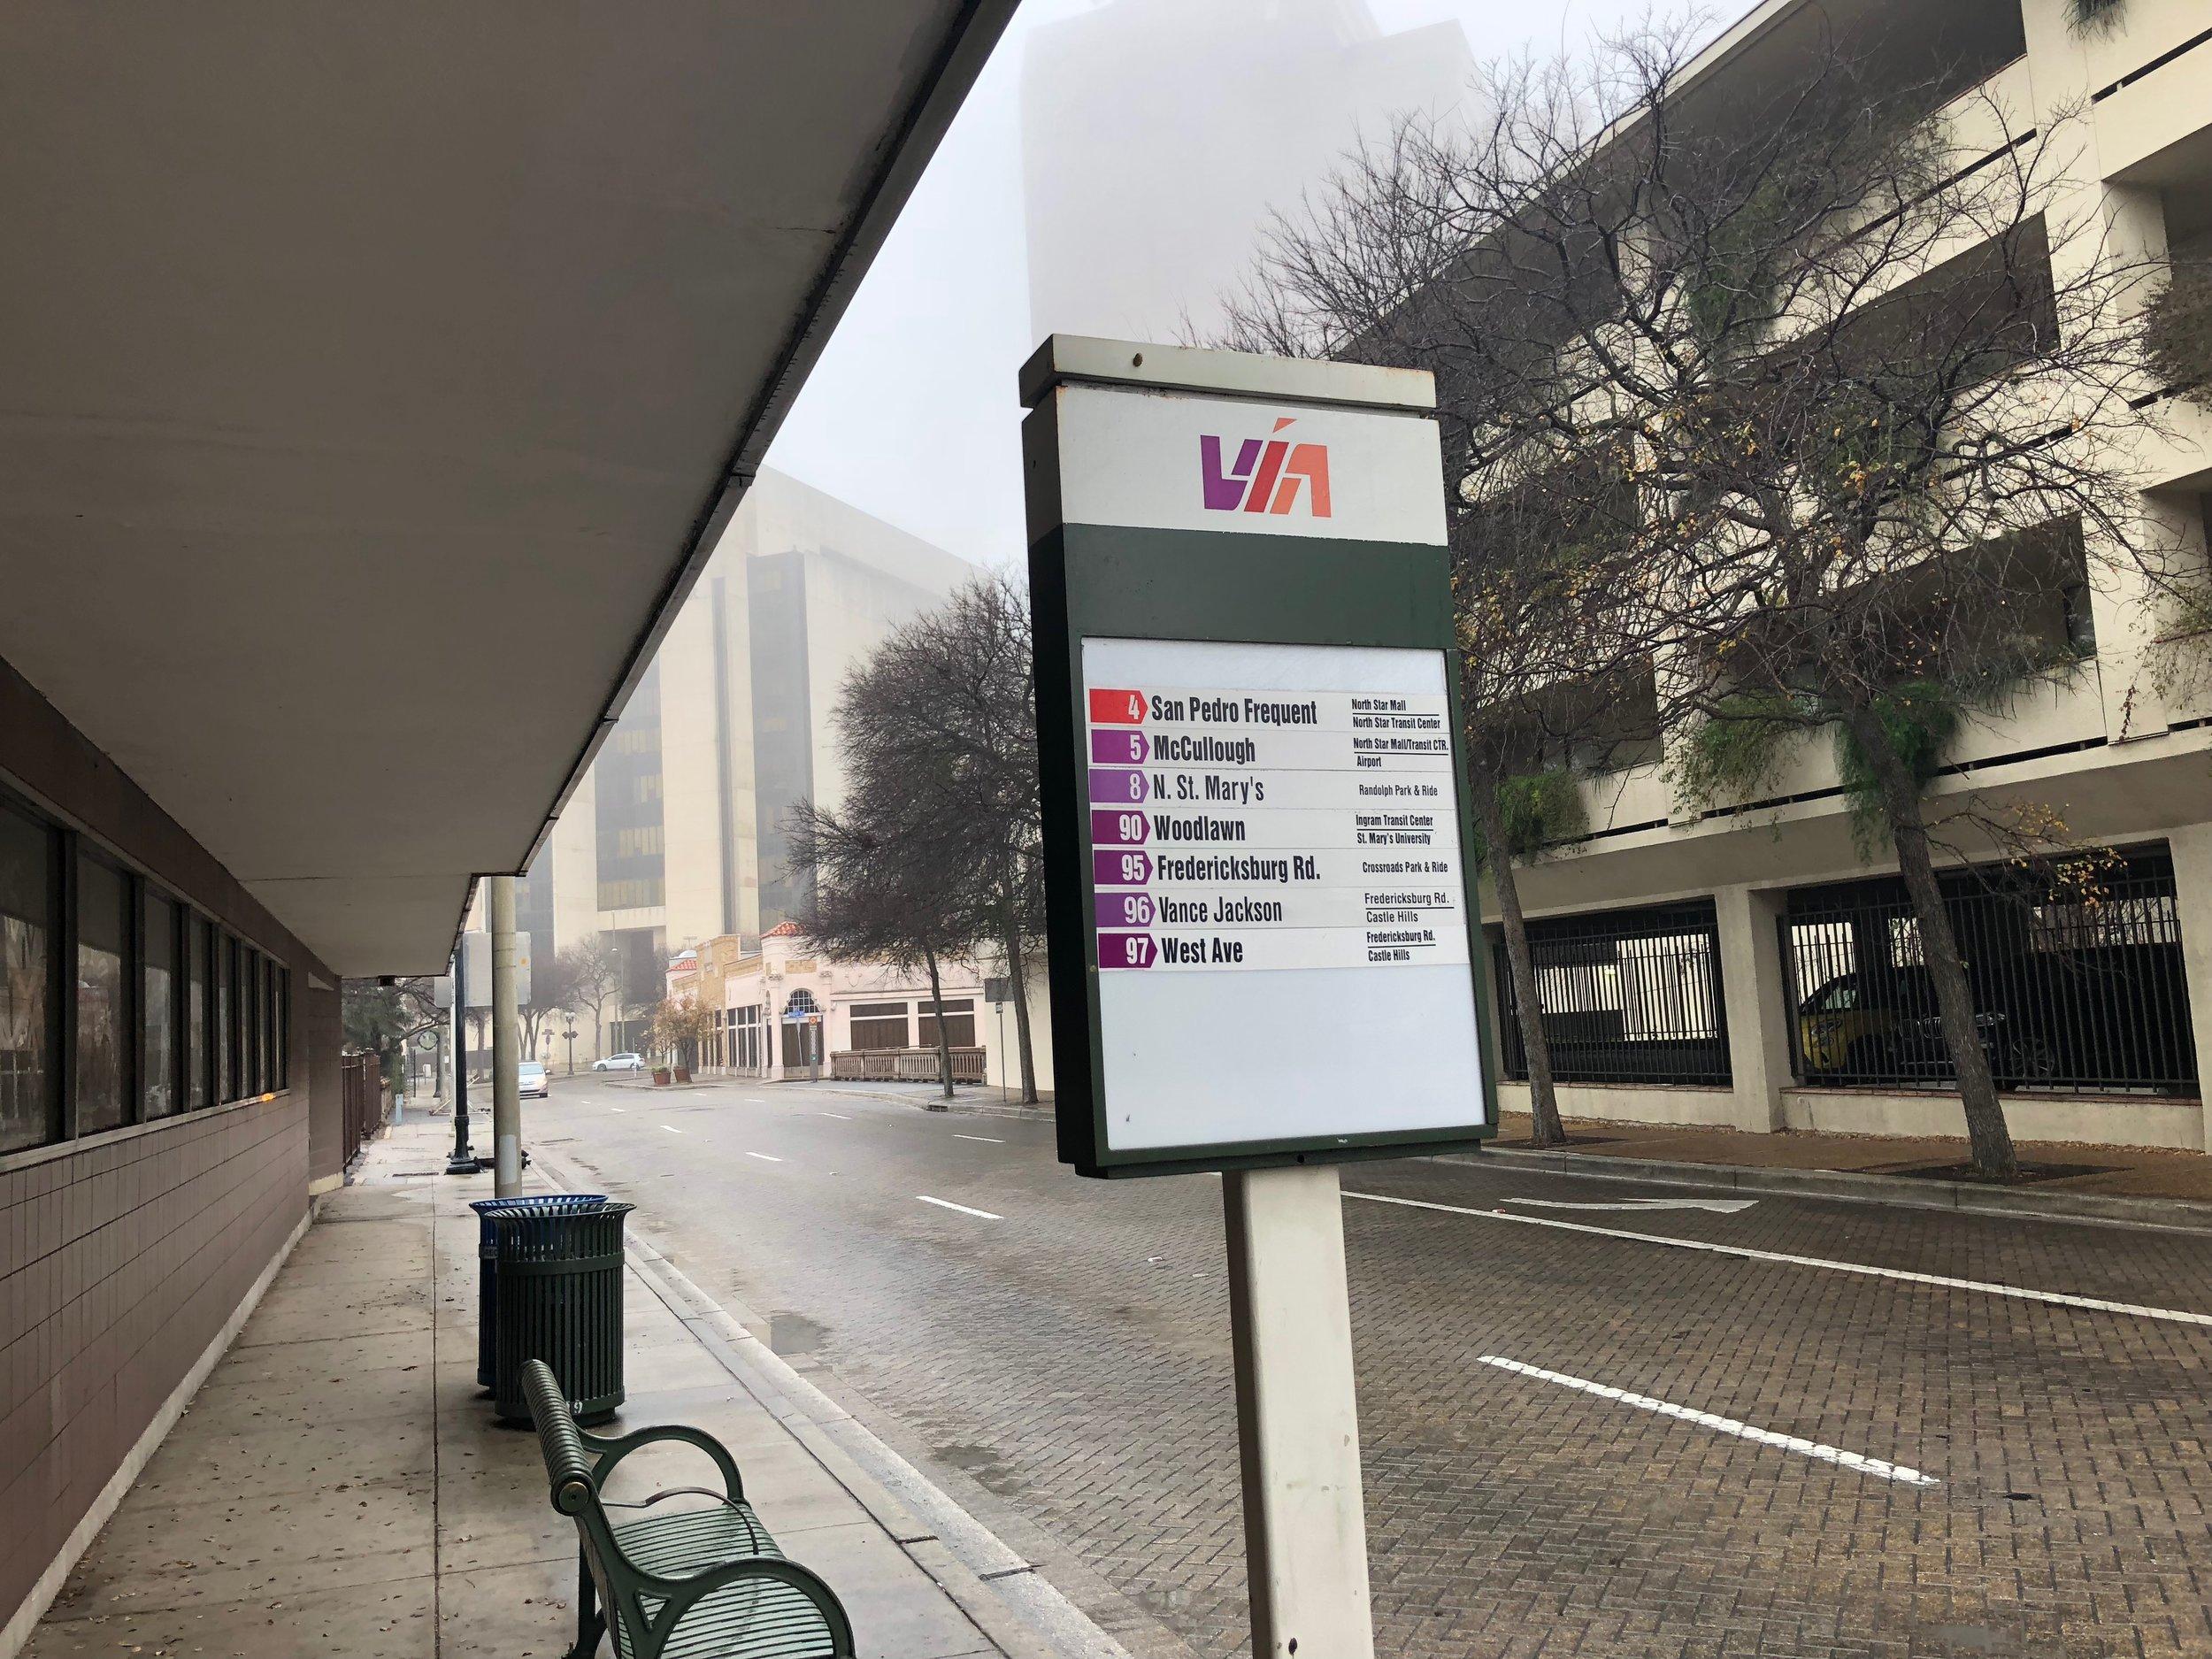 Sad bus stop